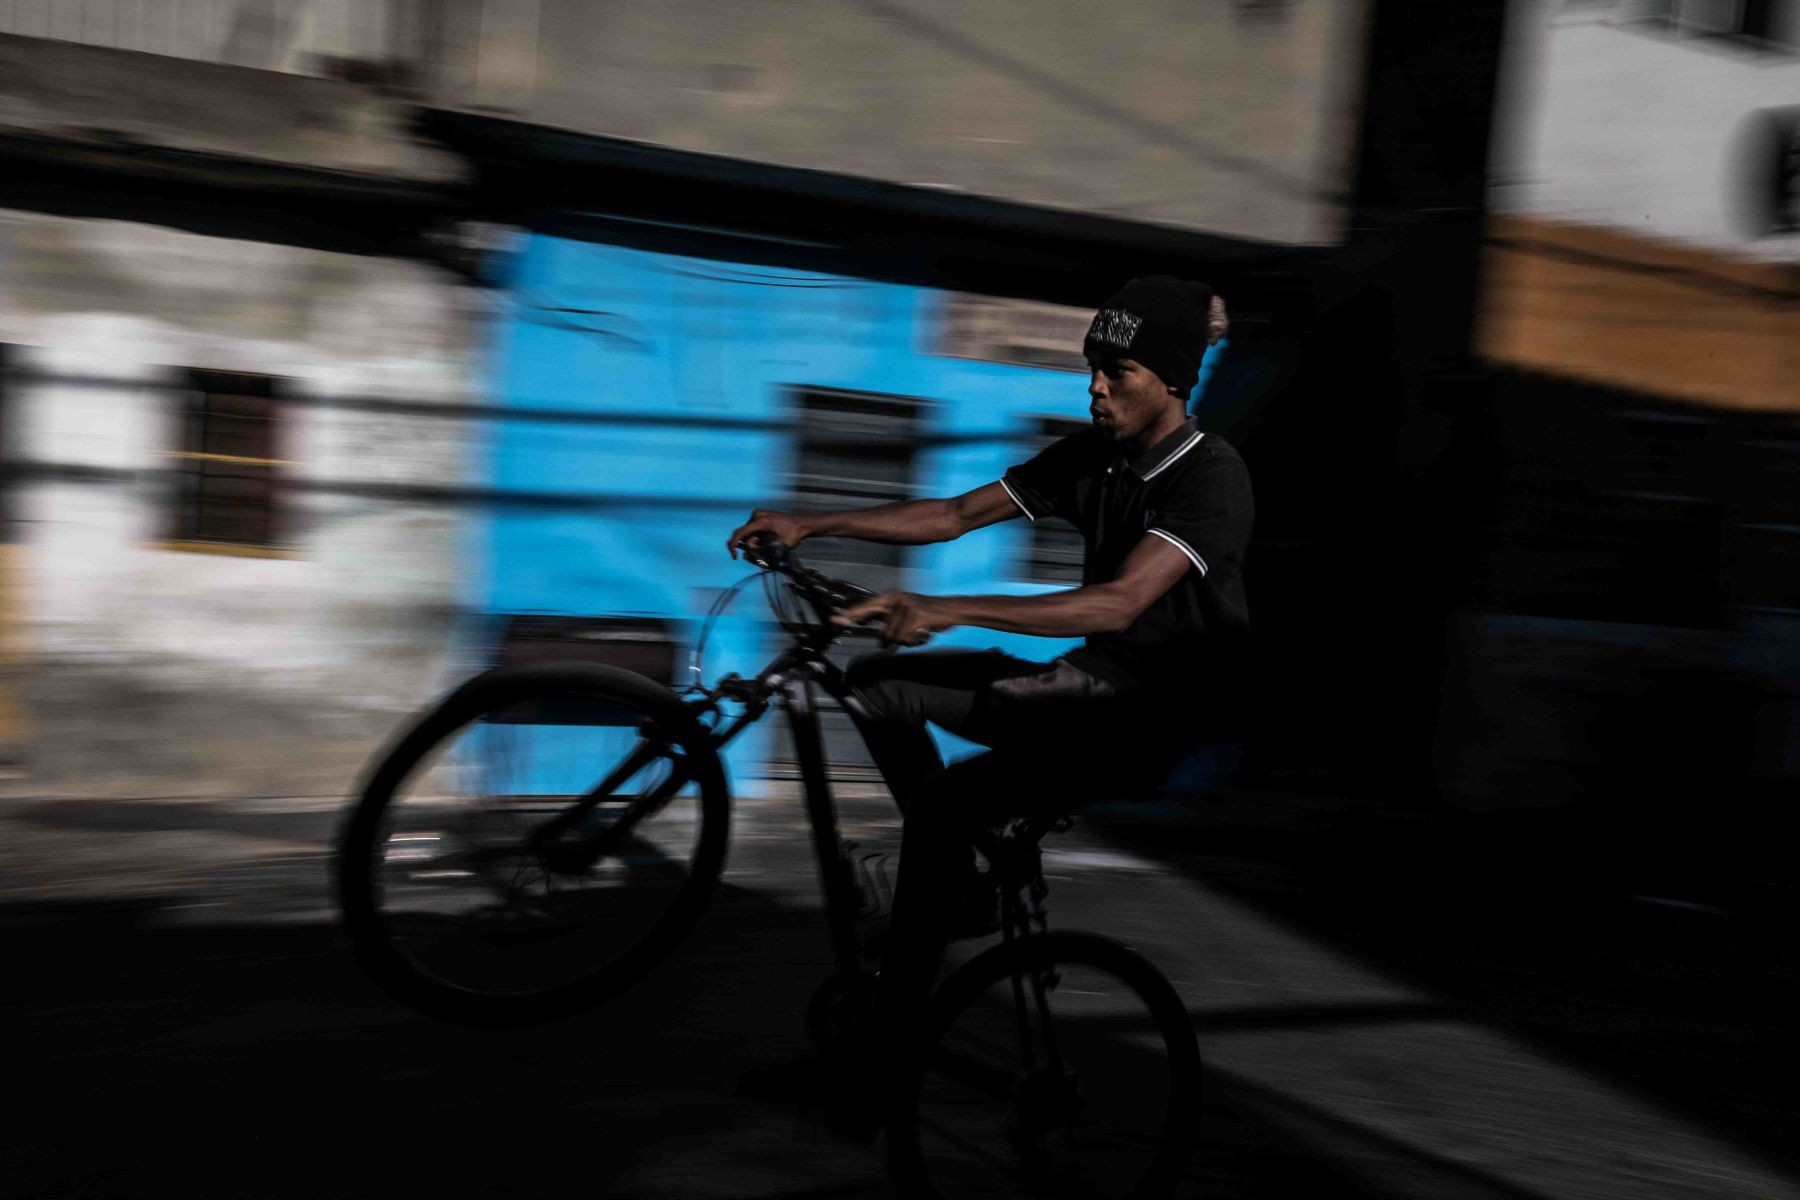 Mặt tối cuộc sống mang tên 6 de Maio: Những gì diễn ra bên trong khu phố nguy hiểm bậc nhất Bồ Đào Nha - Ảnh 14.